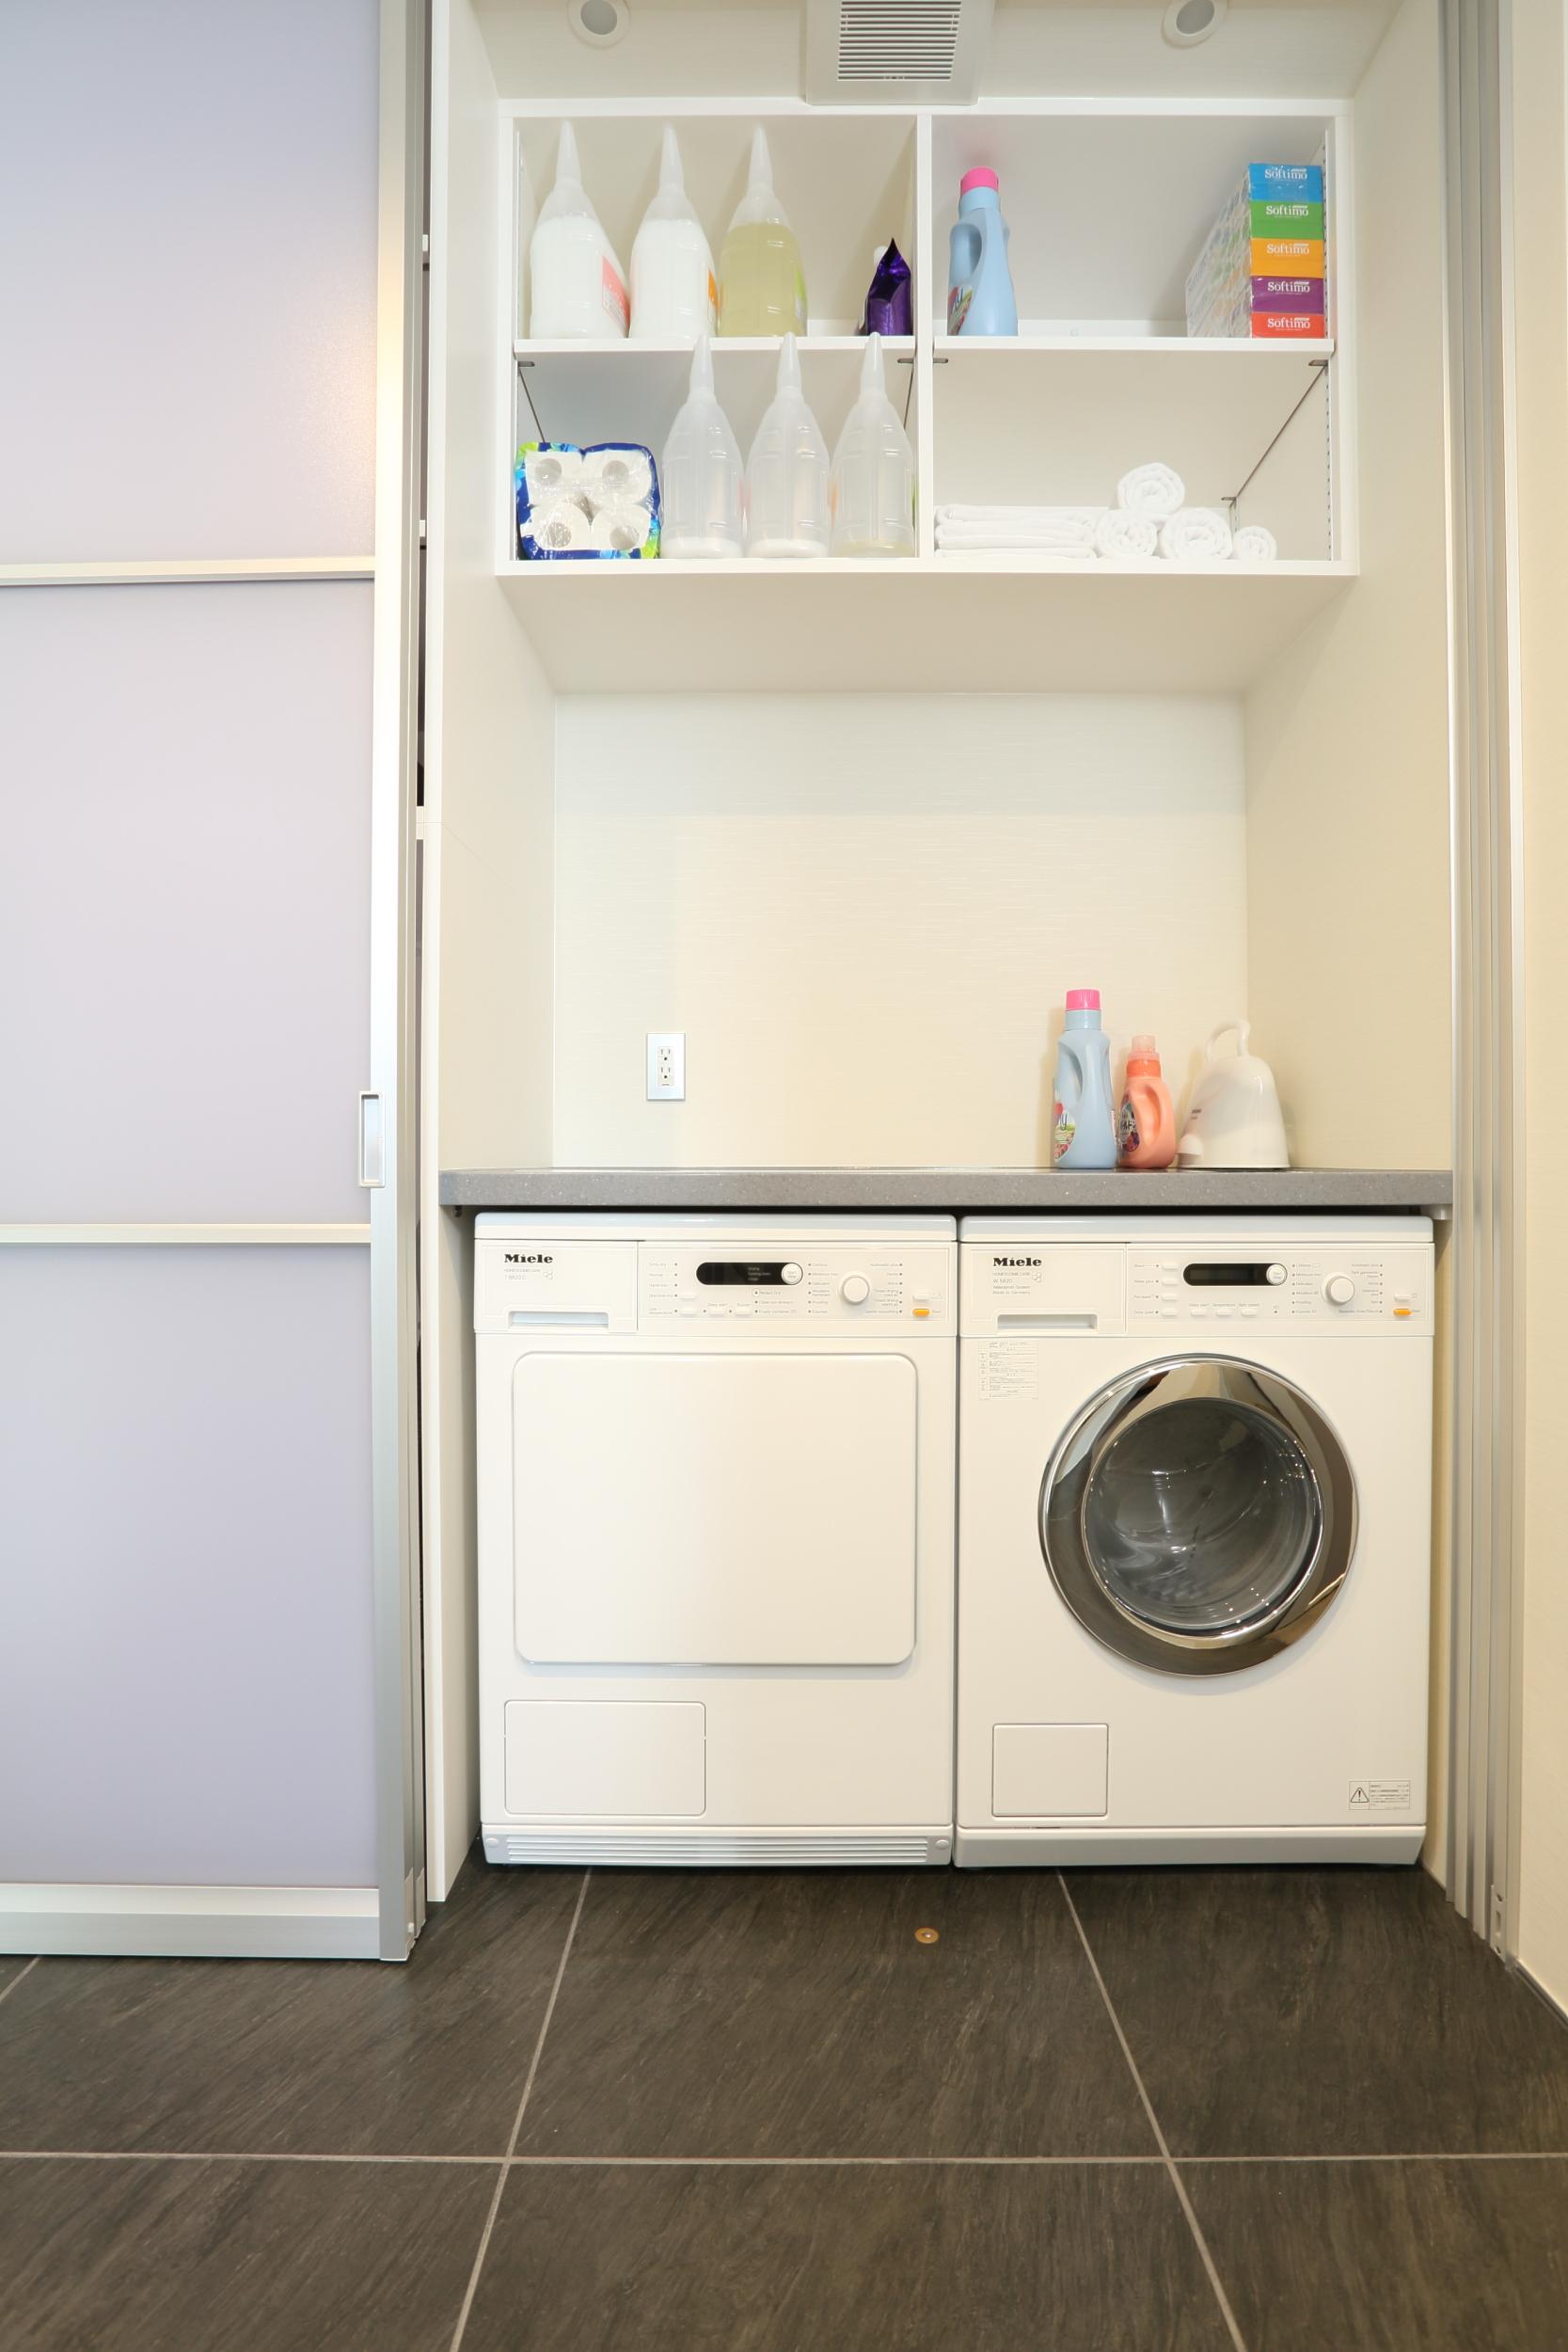 bluebird apartments washer dryer.jpg